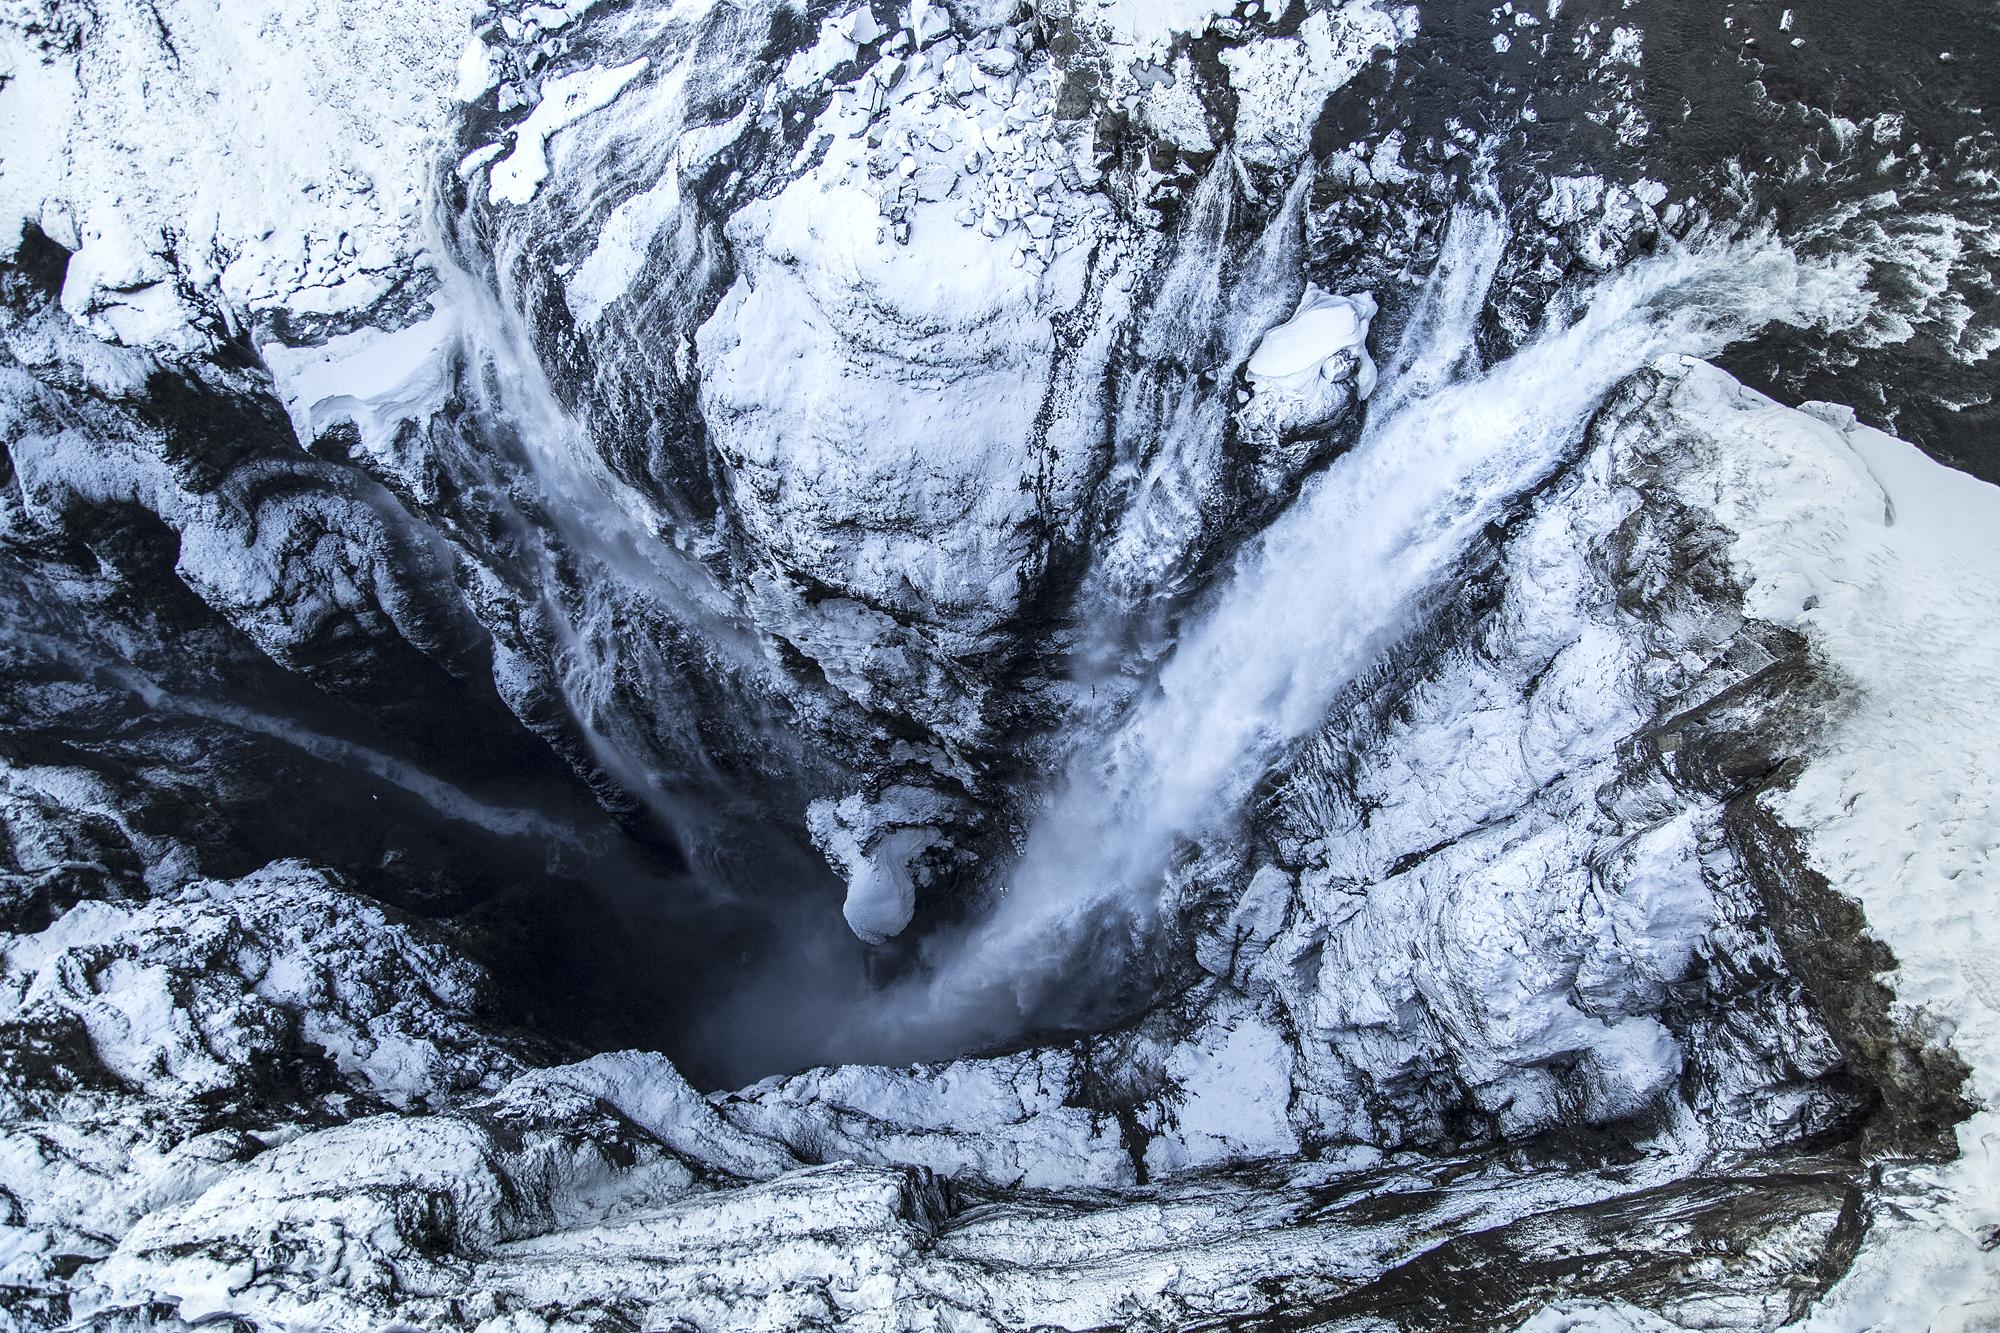 Iceland-Proof-13.tif#asset:655:url